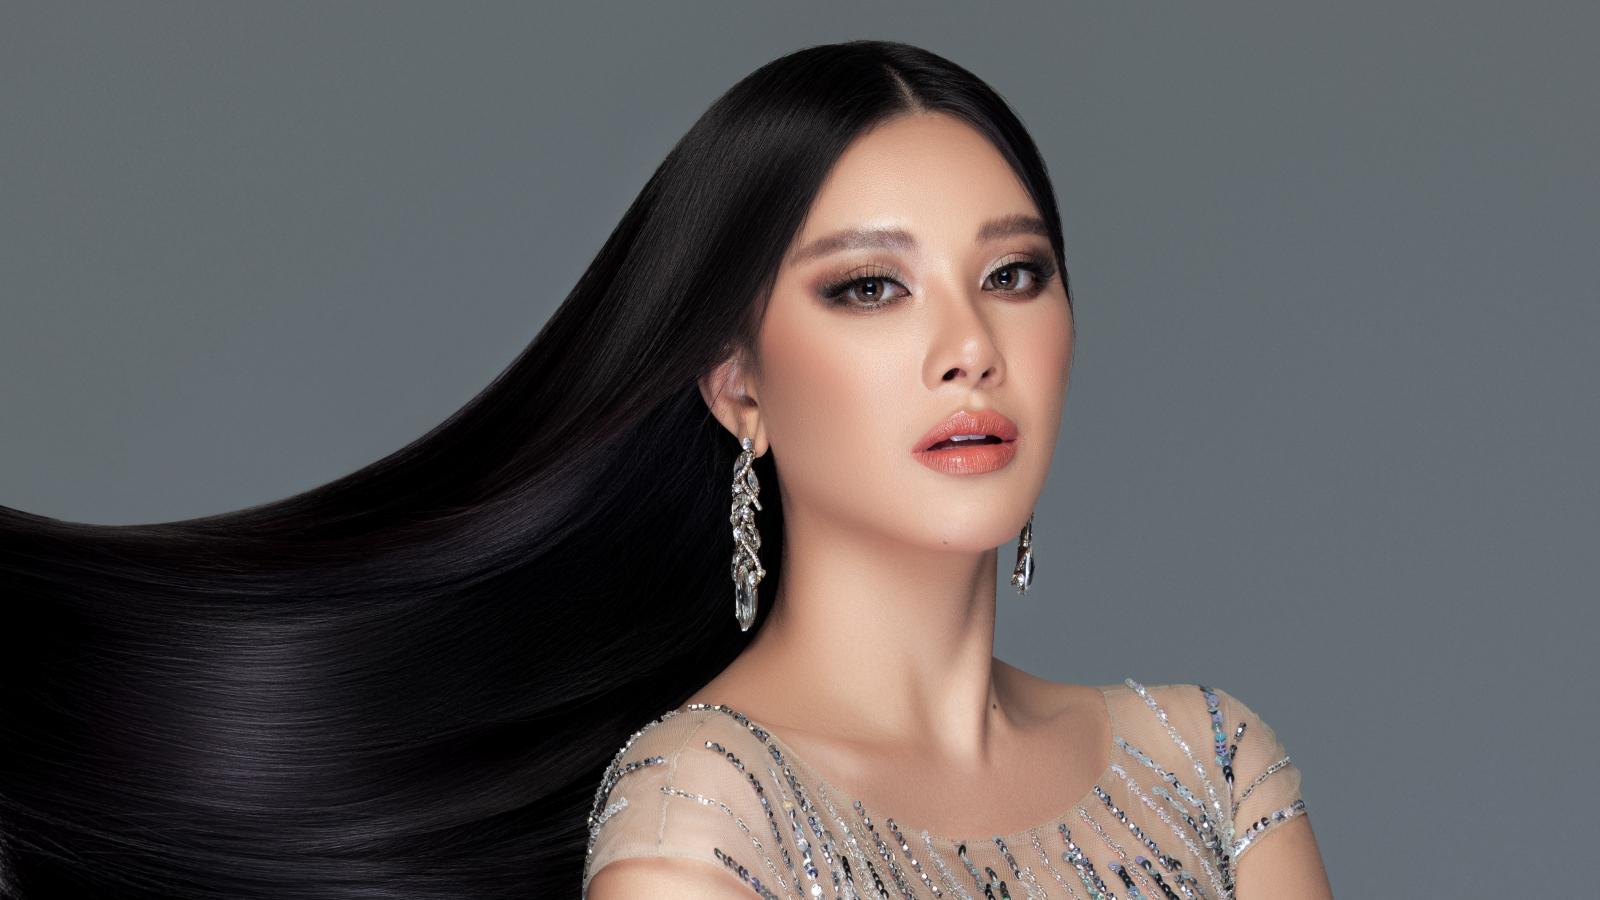 Á hậu Kim Duyên khoe nhan sắc cực phẩm trong bộ ảnh đầu năm mới